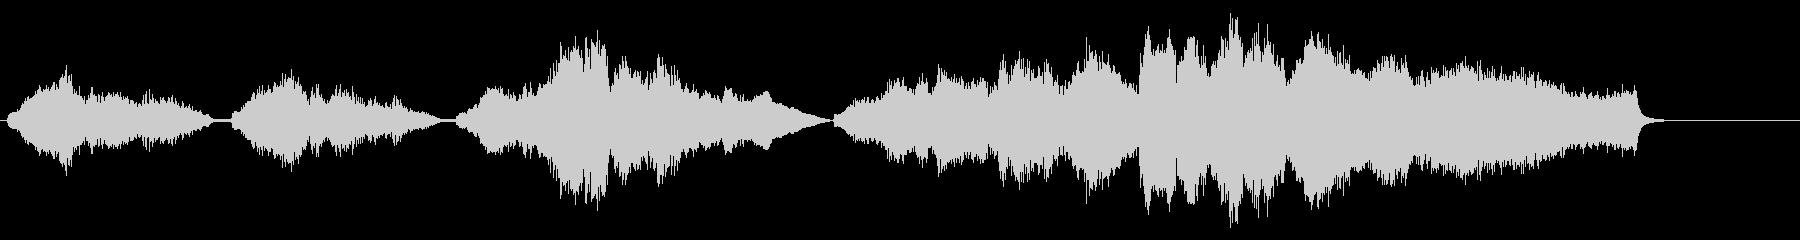 感動的なシーンで流れそうなストリングスの未再生の波形